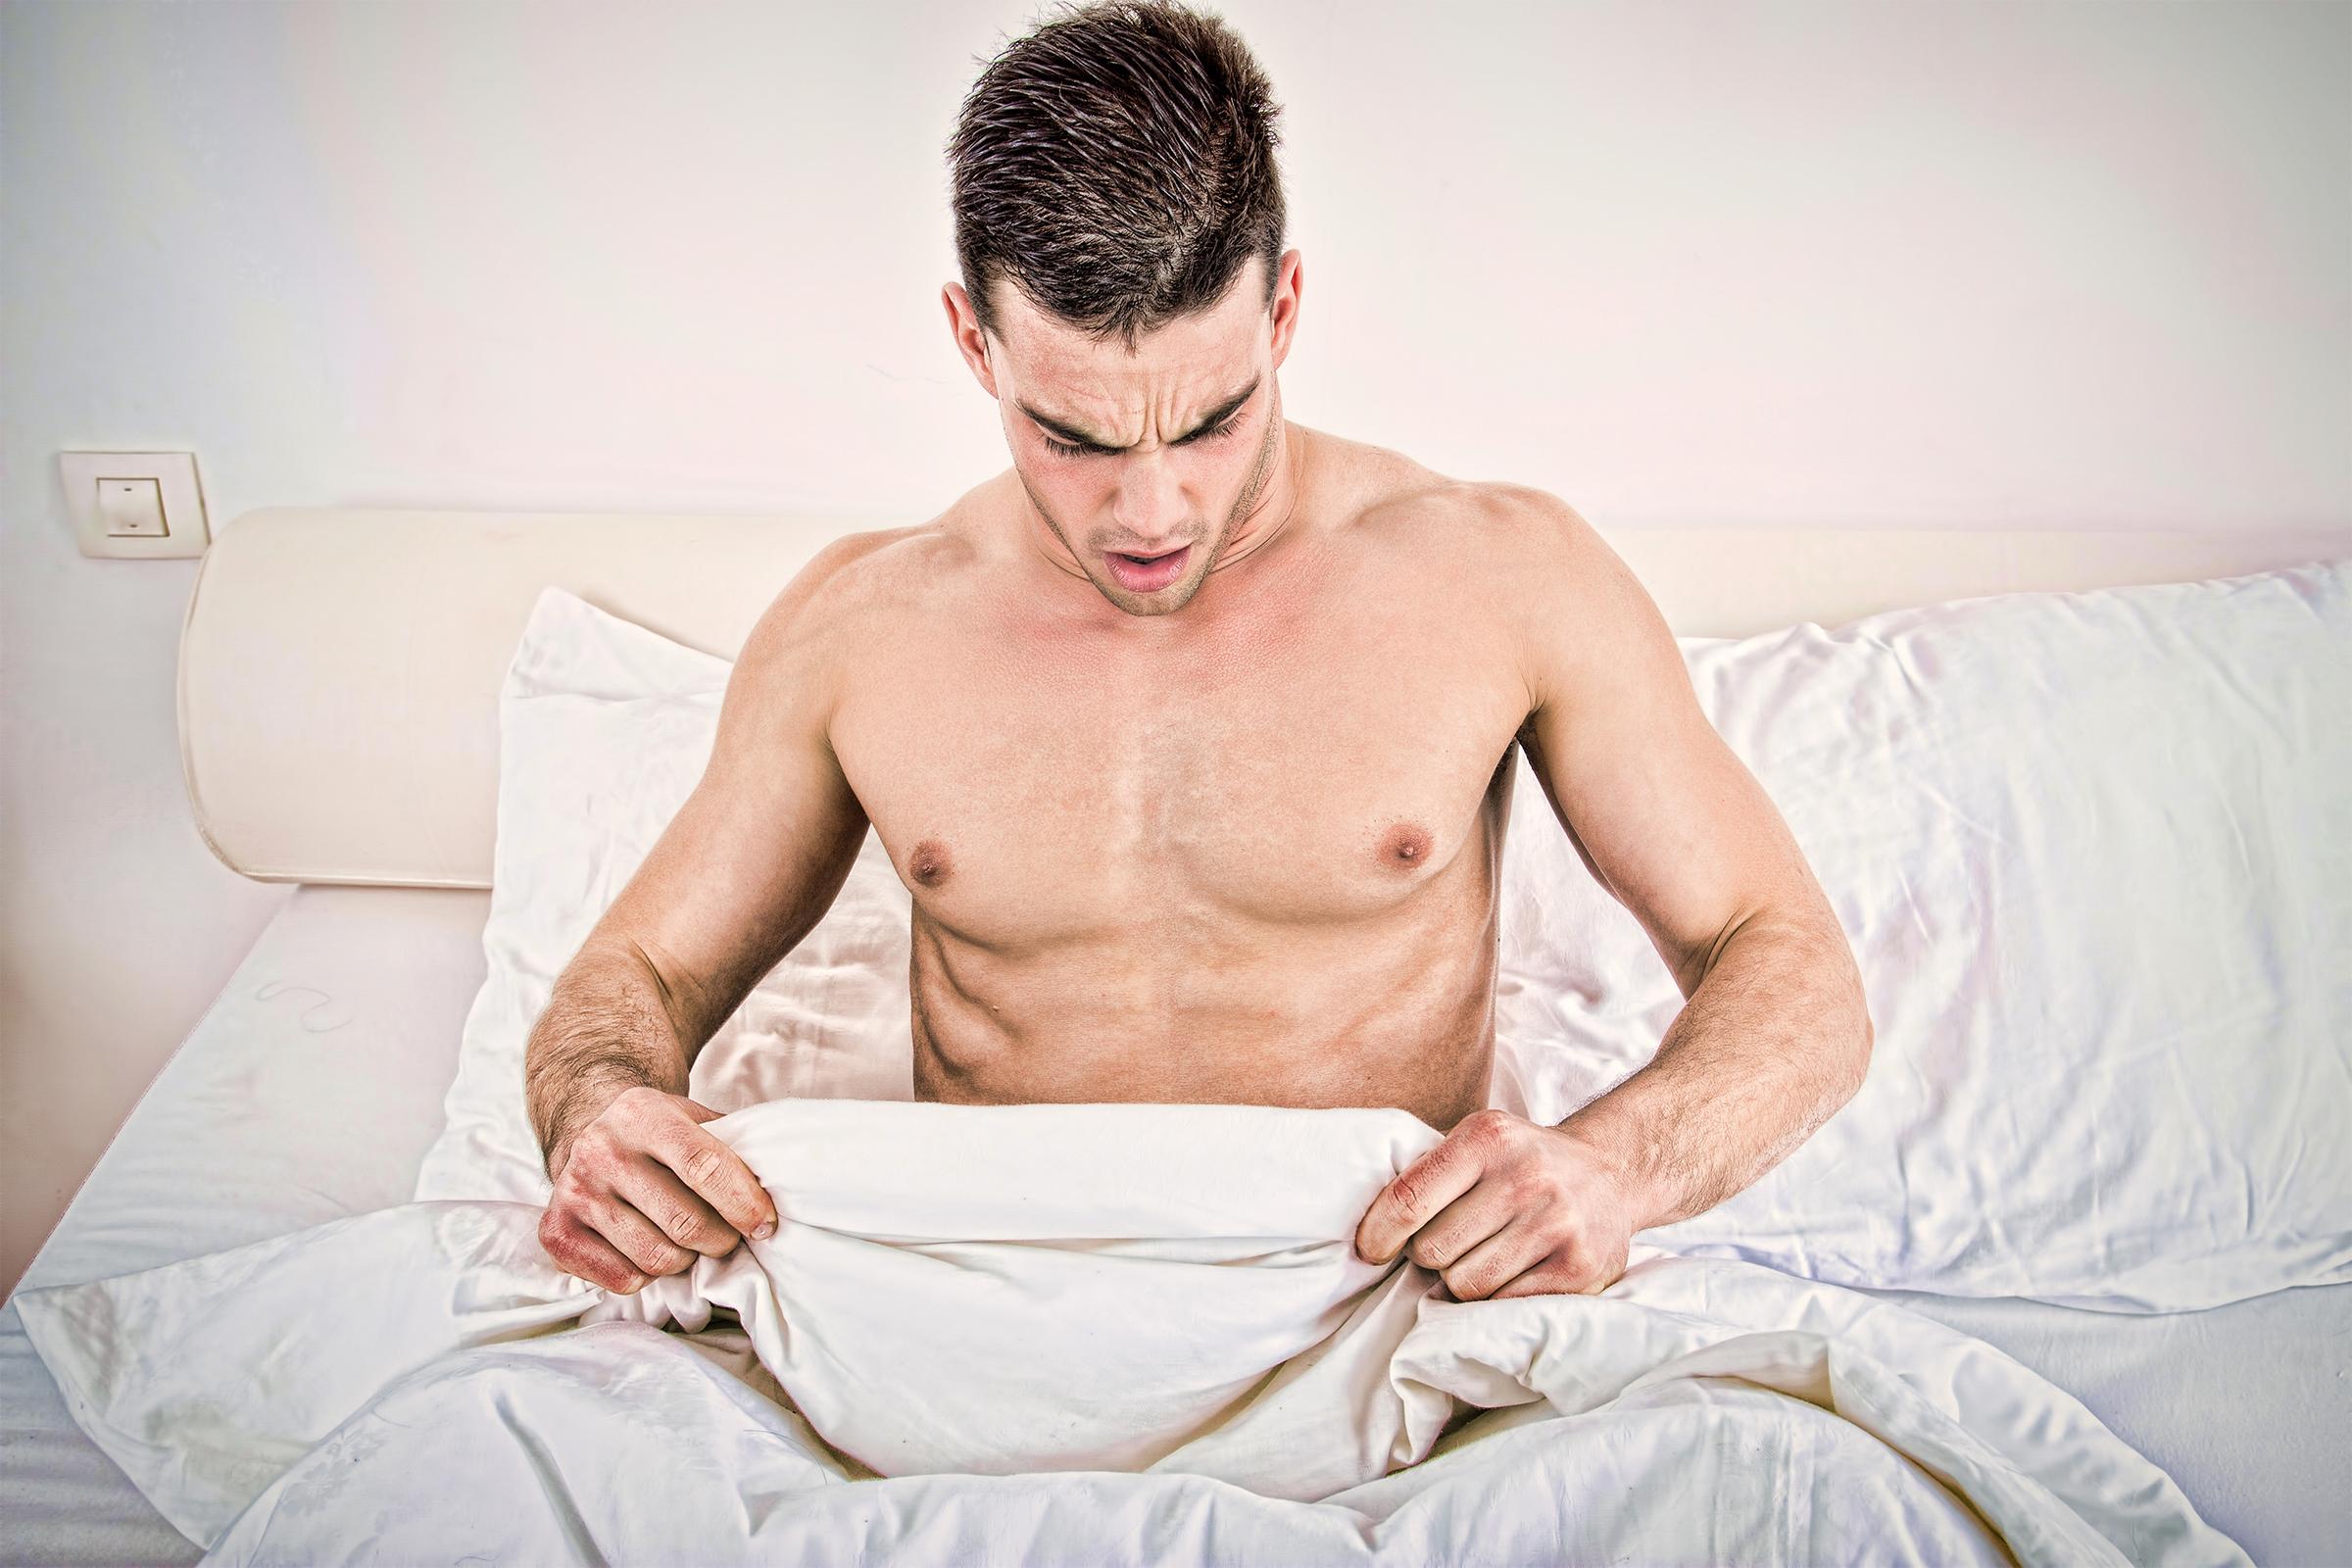 Flakonnal szexelt a férfi, le kellett vágni a péniszét (18+)